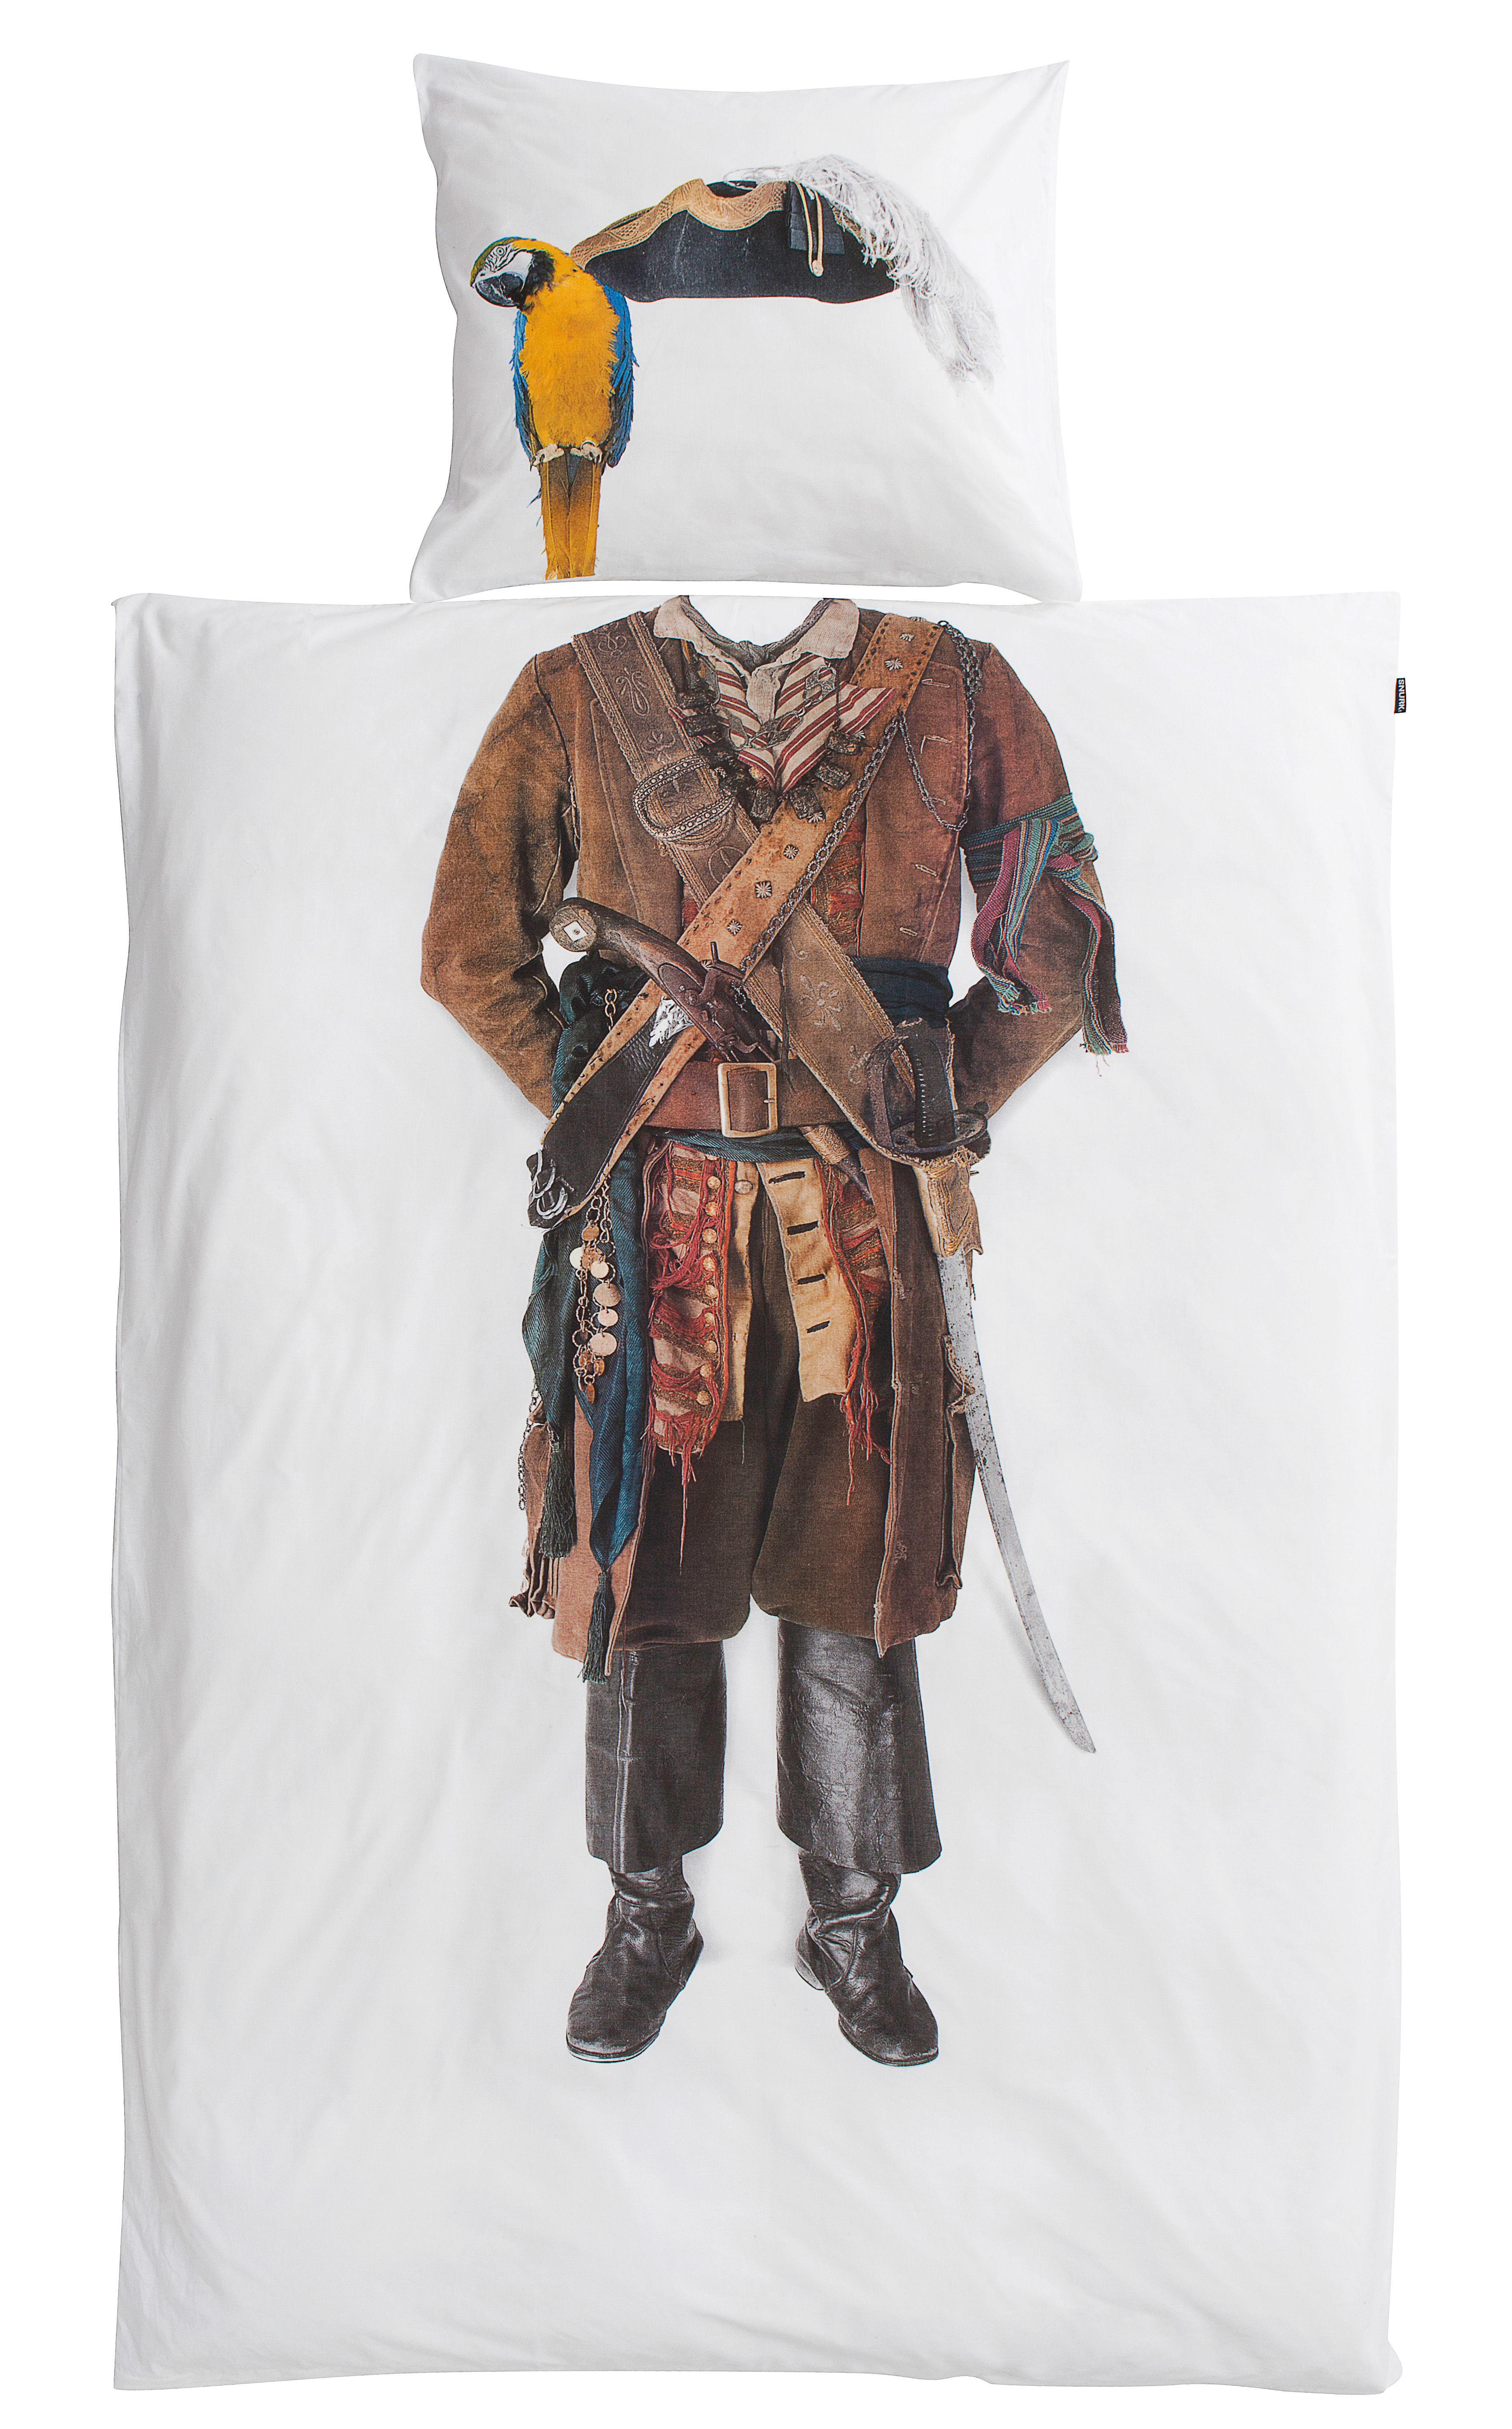 Déco - Pour les enfants - Parure de lit 1 personne Pirate / 140 x 200 cm - Snurk - Pirate - Percale de coton